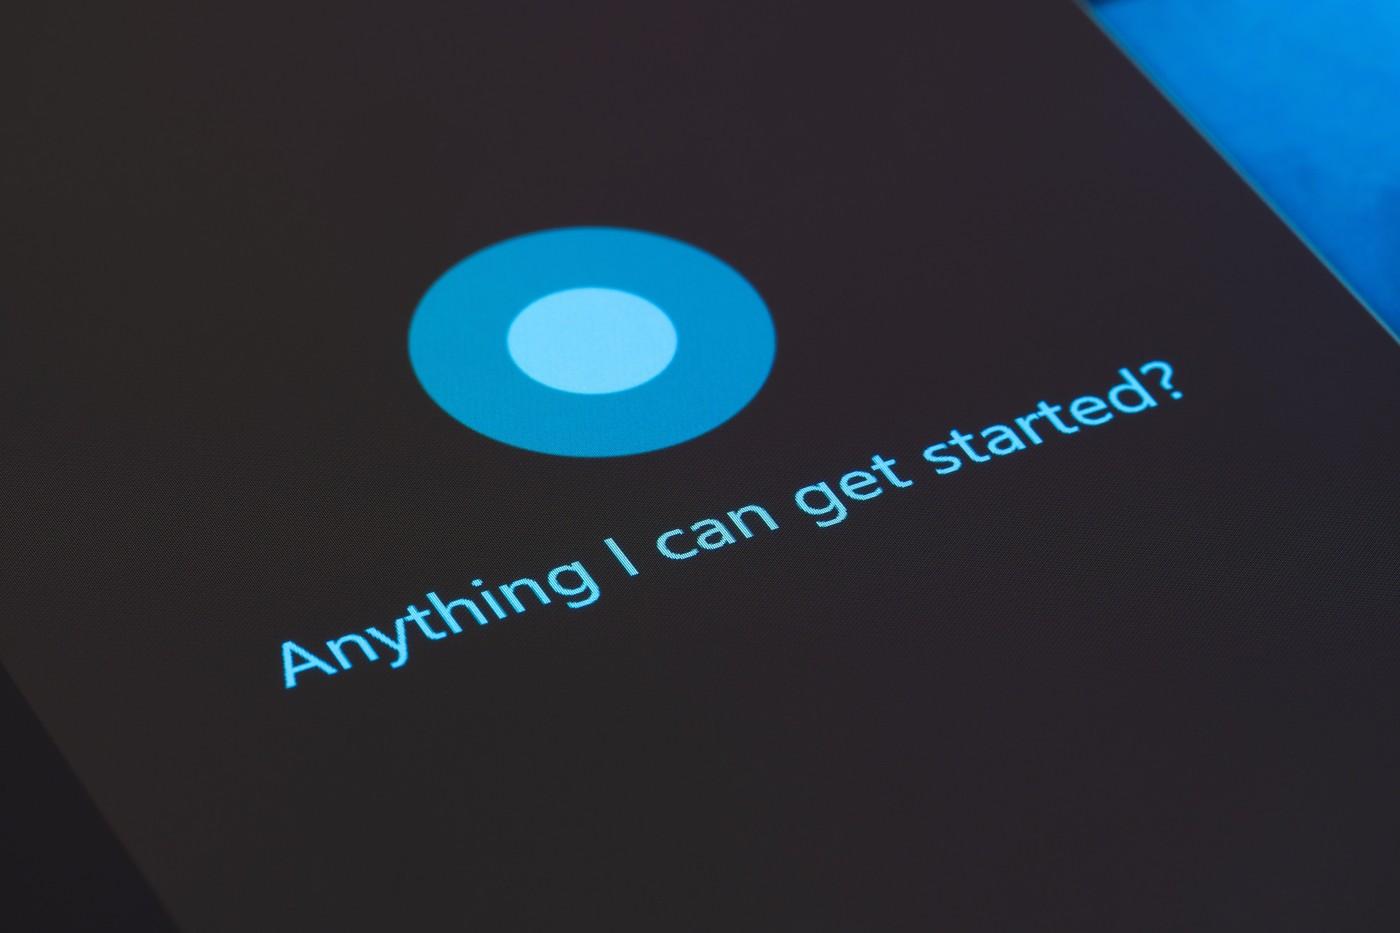 敵不過Alexa、Siri?微軟Cortana明年停止8國語音助理服務